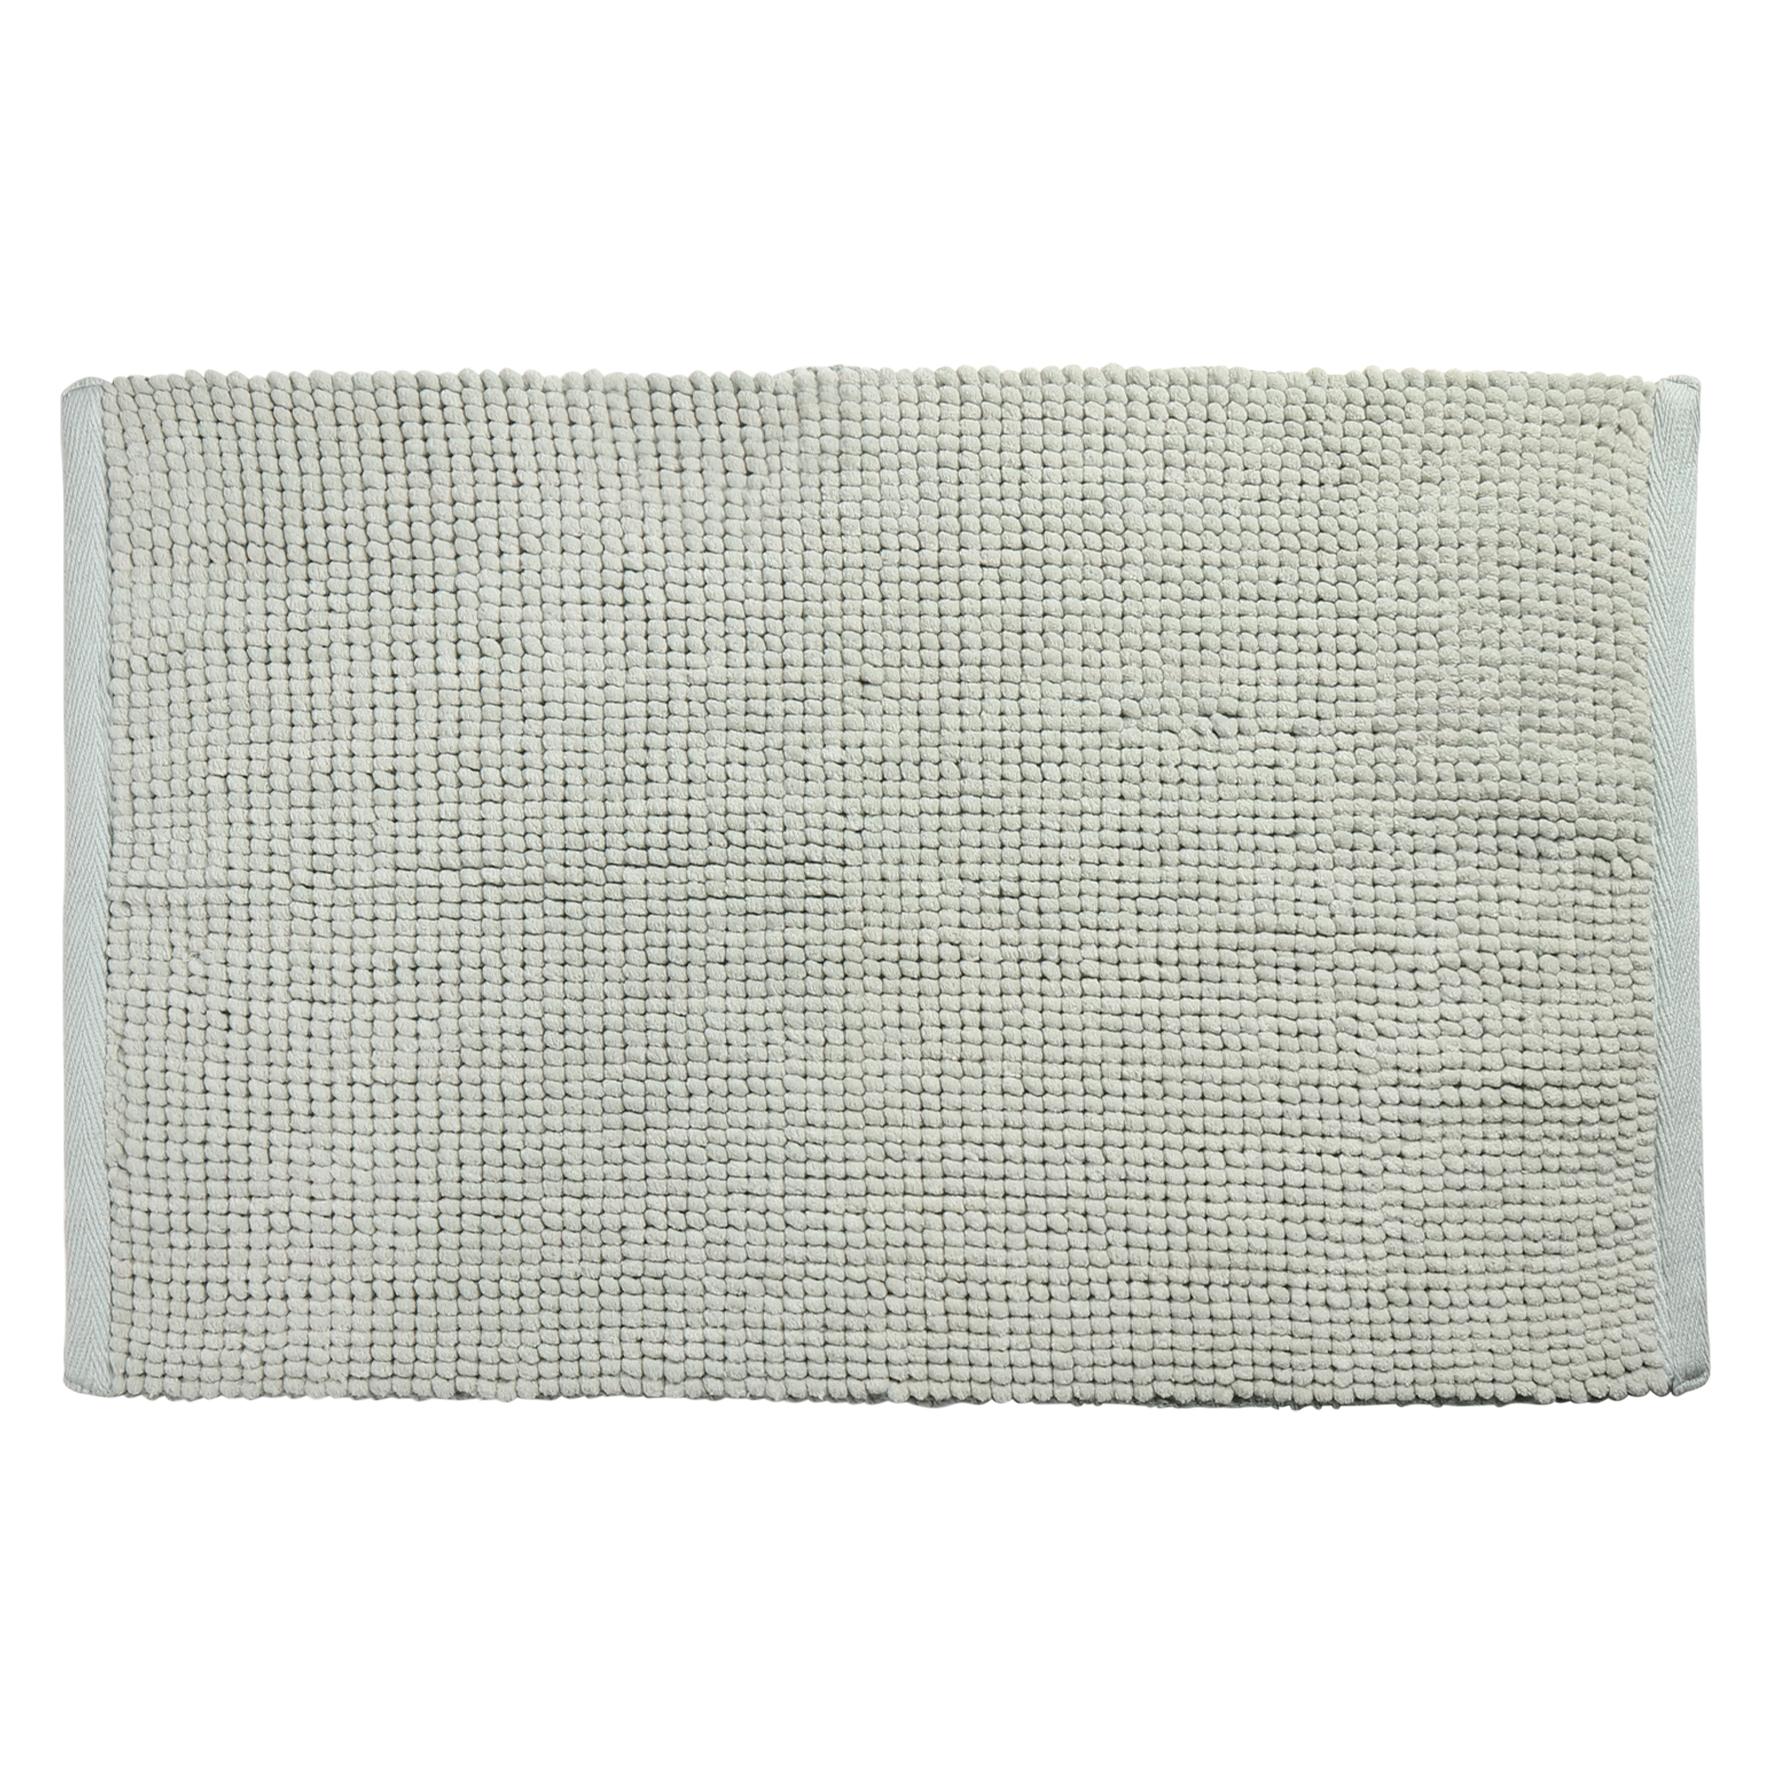 Differnz Candore badmat 50x80cm lichtgroen